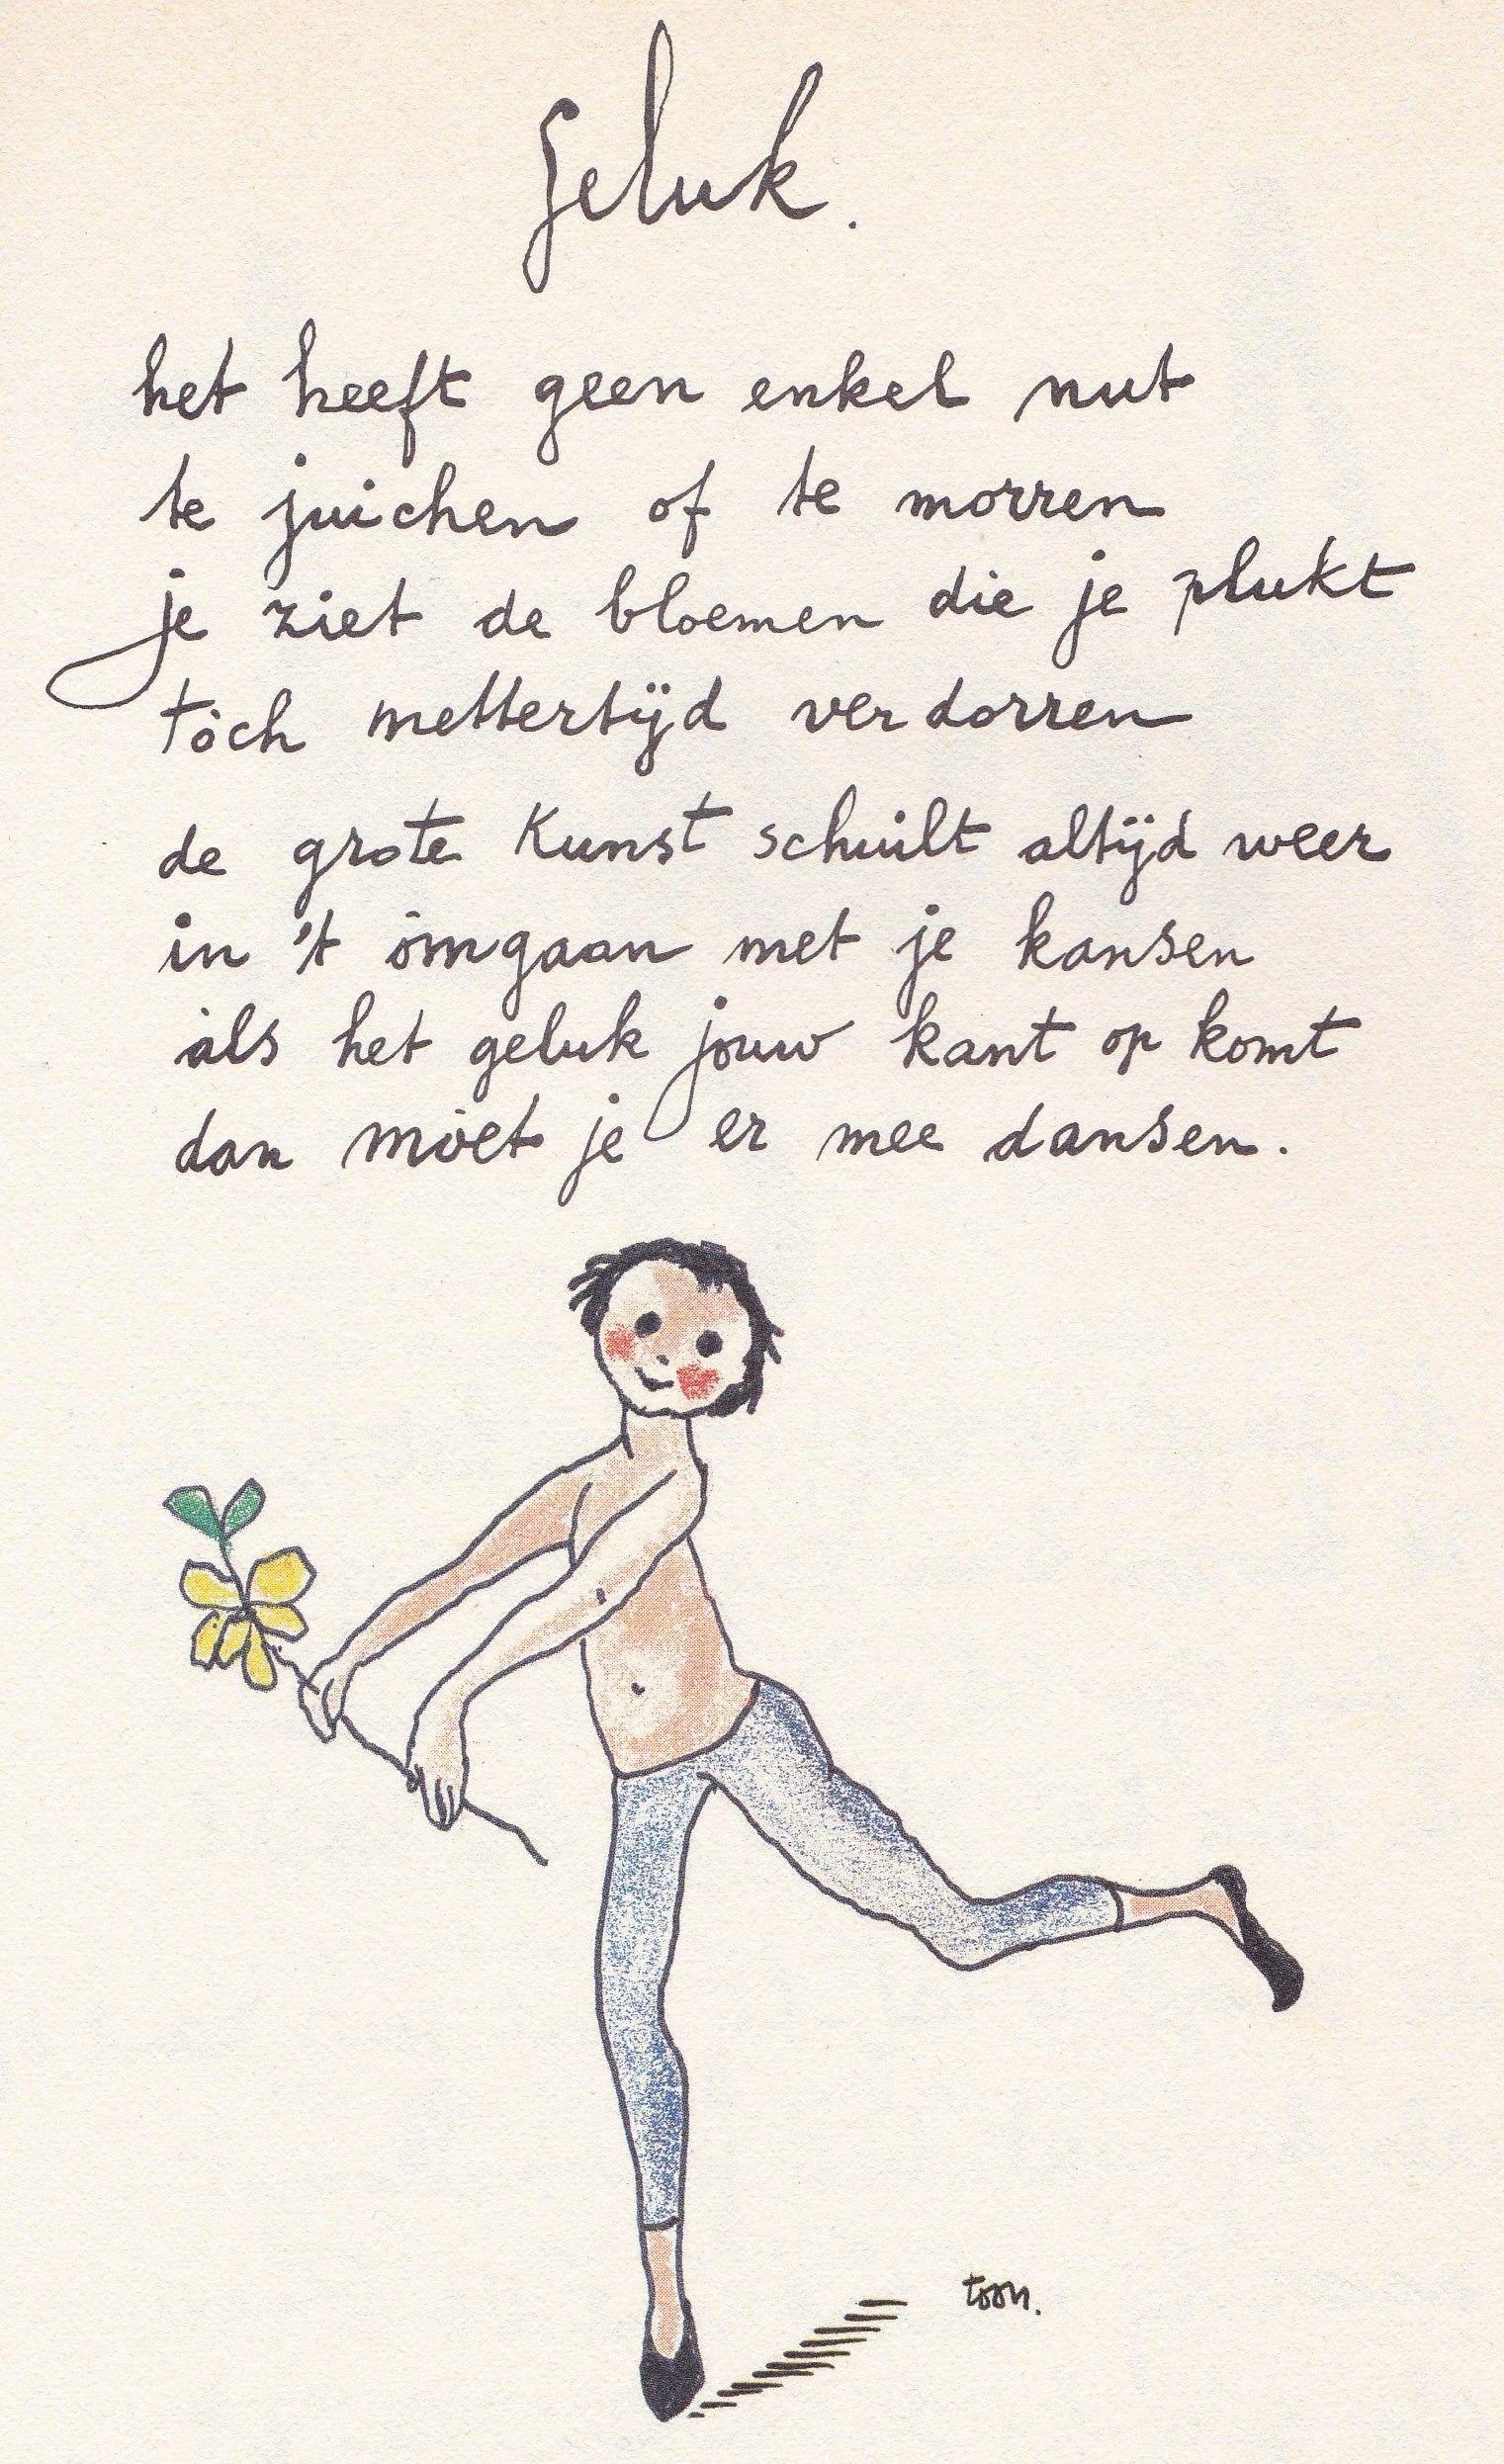 Voorkeur geluk door Toon Hermans | Spreuken | Gedichten, Woord kunst, Mooie &EH26